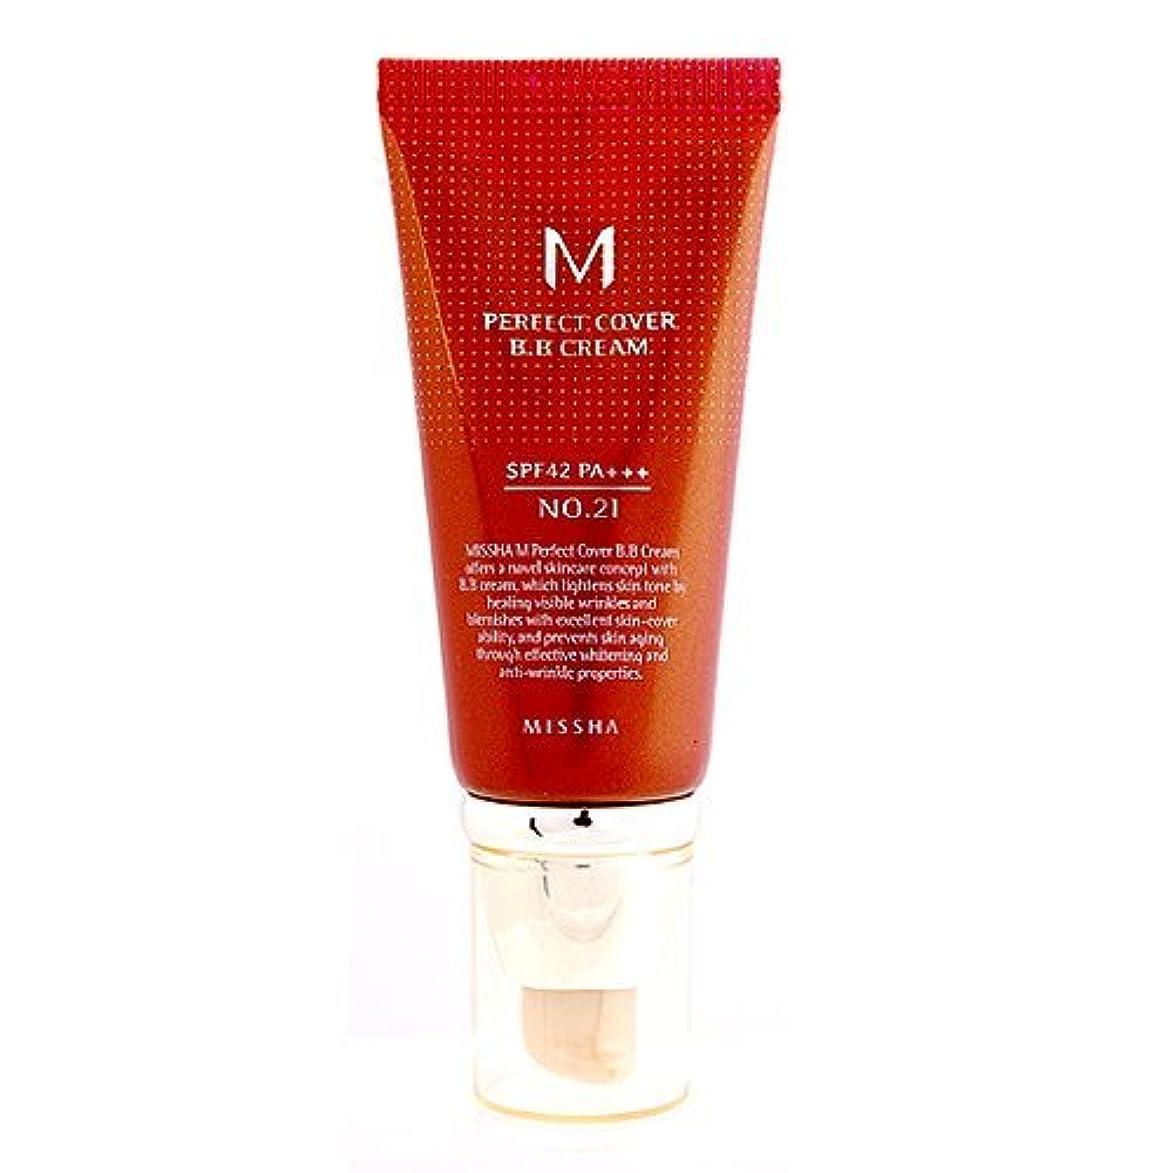 毎日休憩するモールス信号Missha M Perfect Cover B.B. Cream SPF 42 PA+++ 21 Light Beige, 1.69oz, 50ml